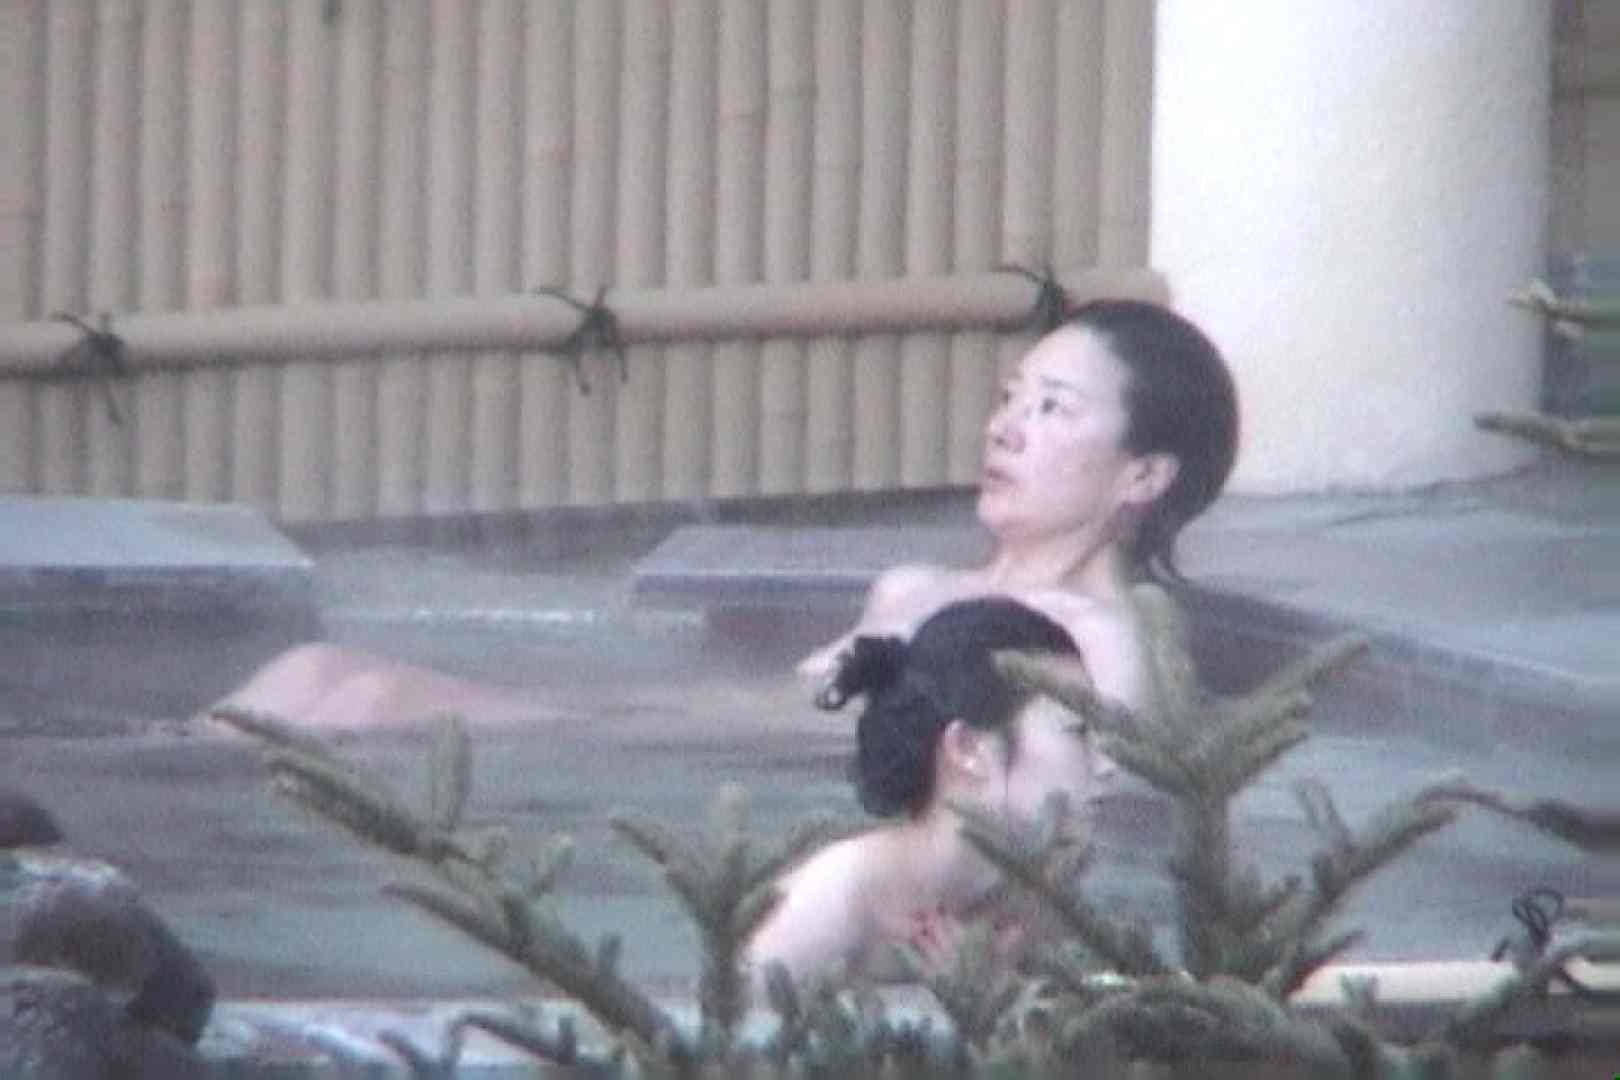 Aquaな露天風呂Vol.84【VIP限定】 盗撮 | 露天風呂  19連発 10